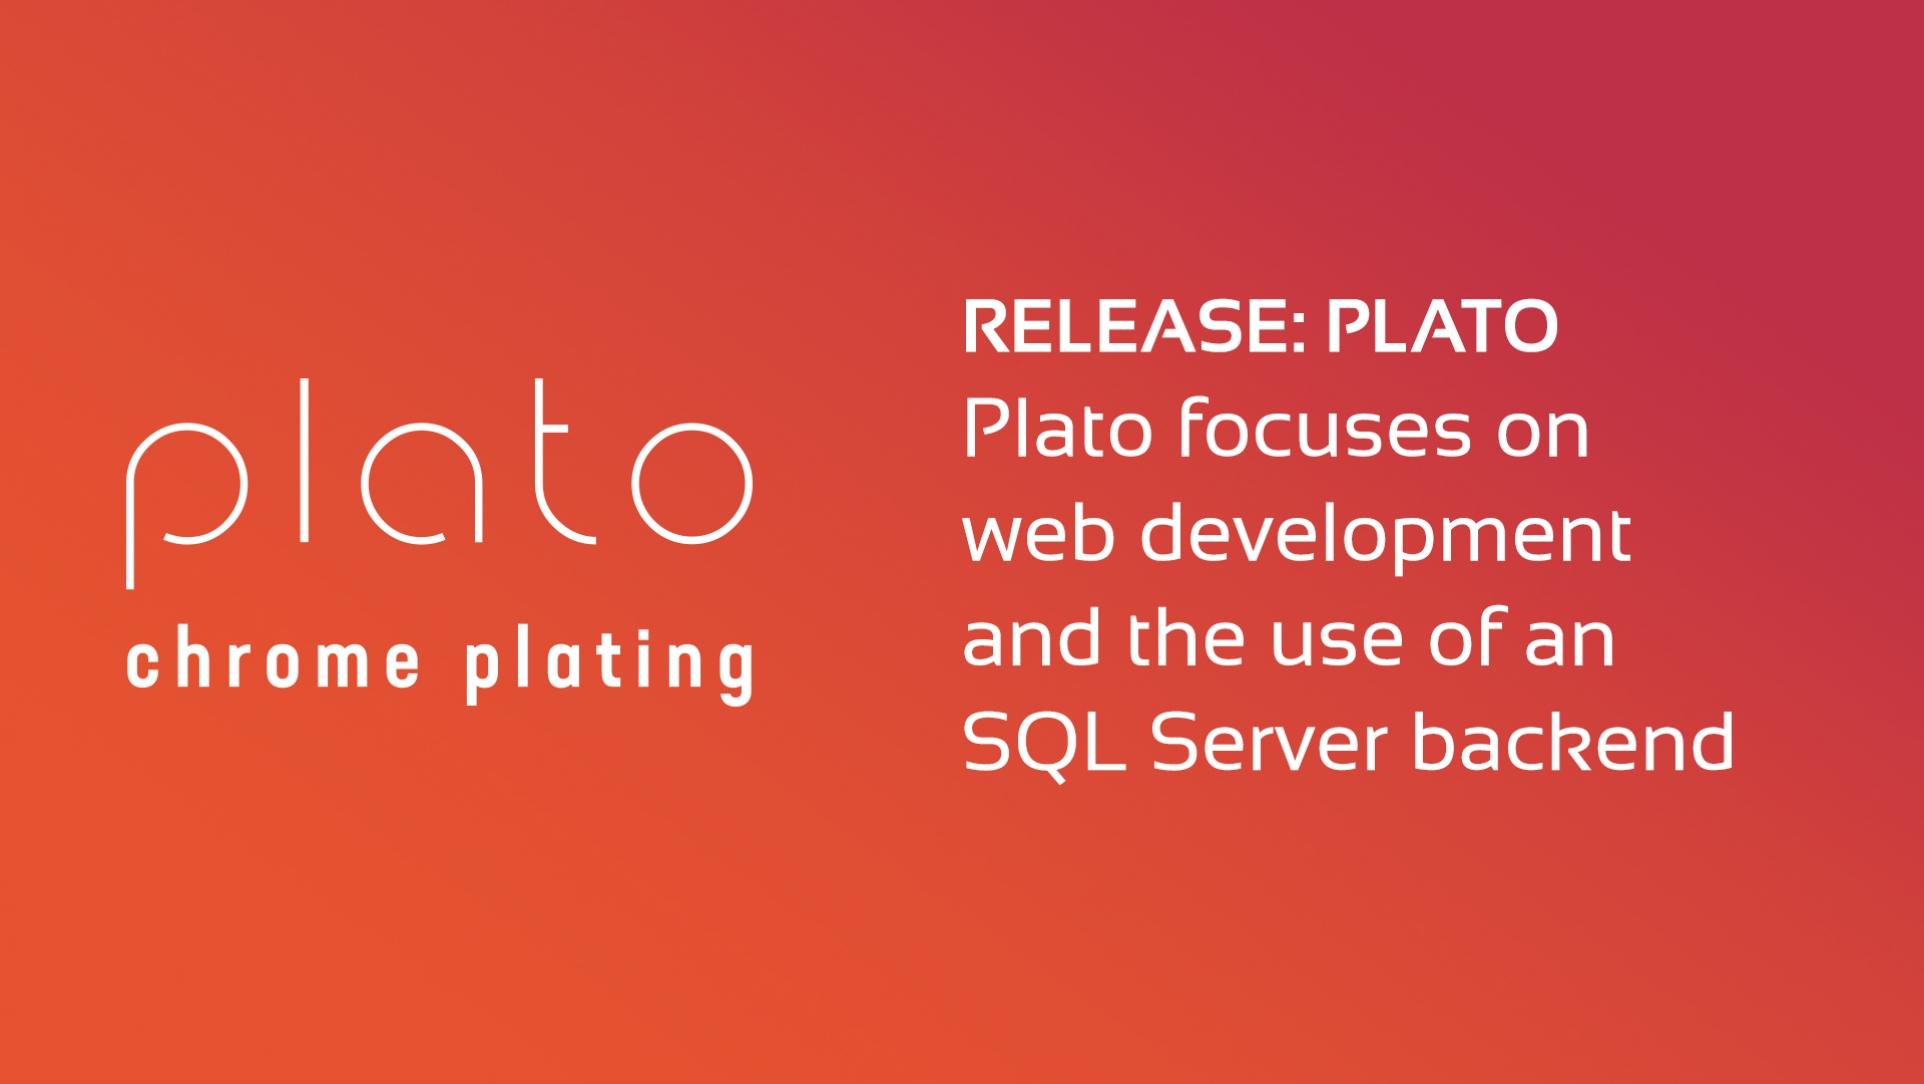 2021-03-08 Plato Final Release